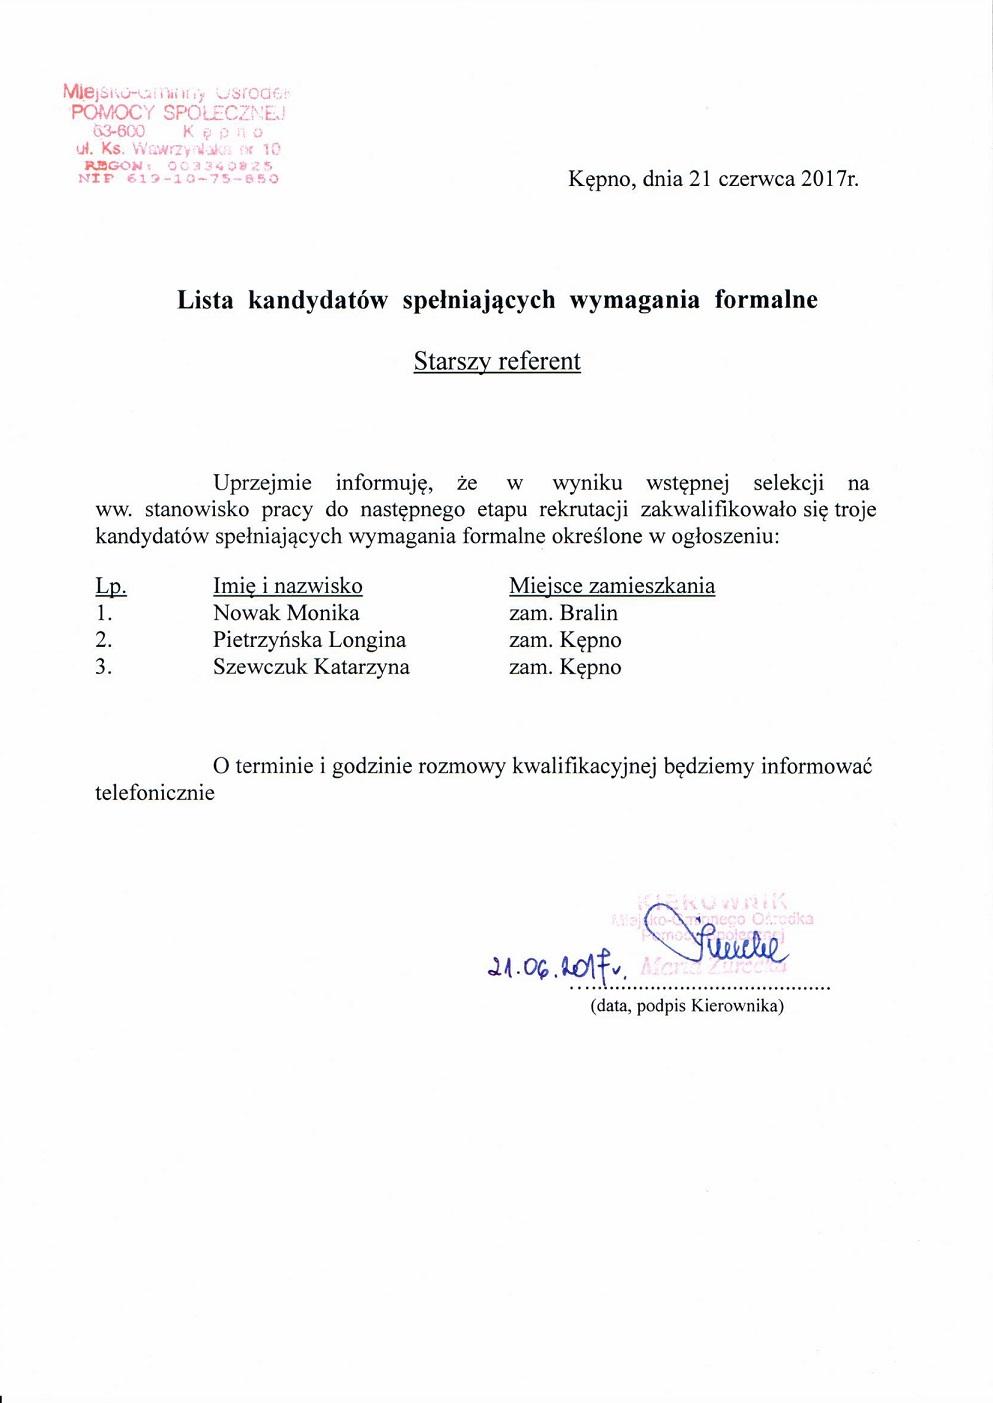 Lista kandydatów - Starszy referent